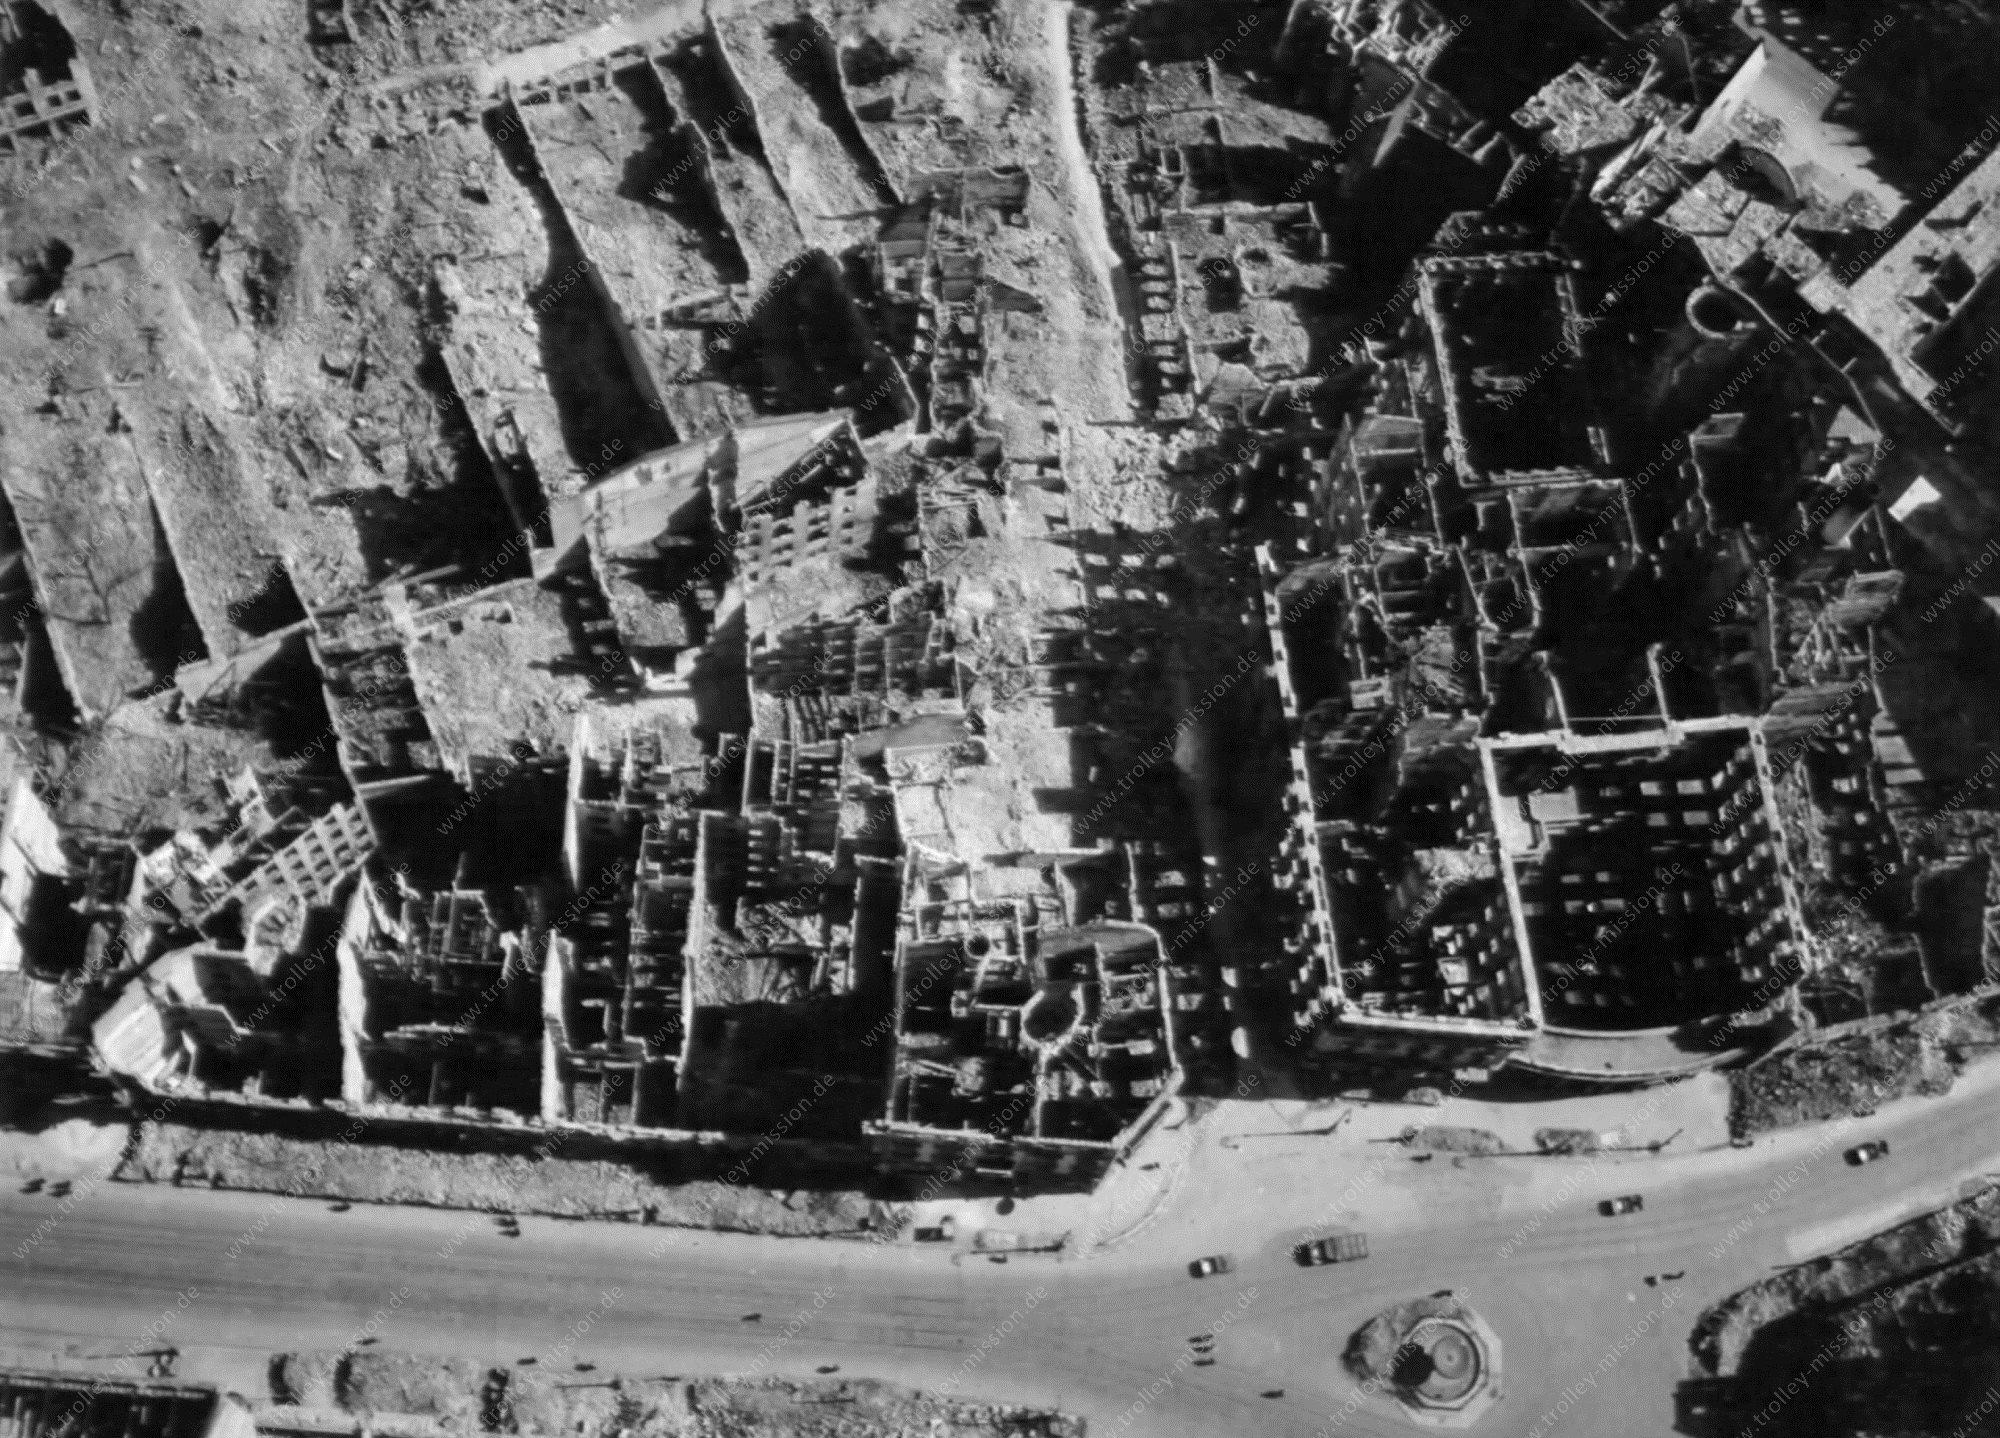 Hotel Frankfurter Hof Luftbild nach der totalen Zerstörung im Zweiten Weltkrieg